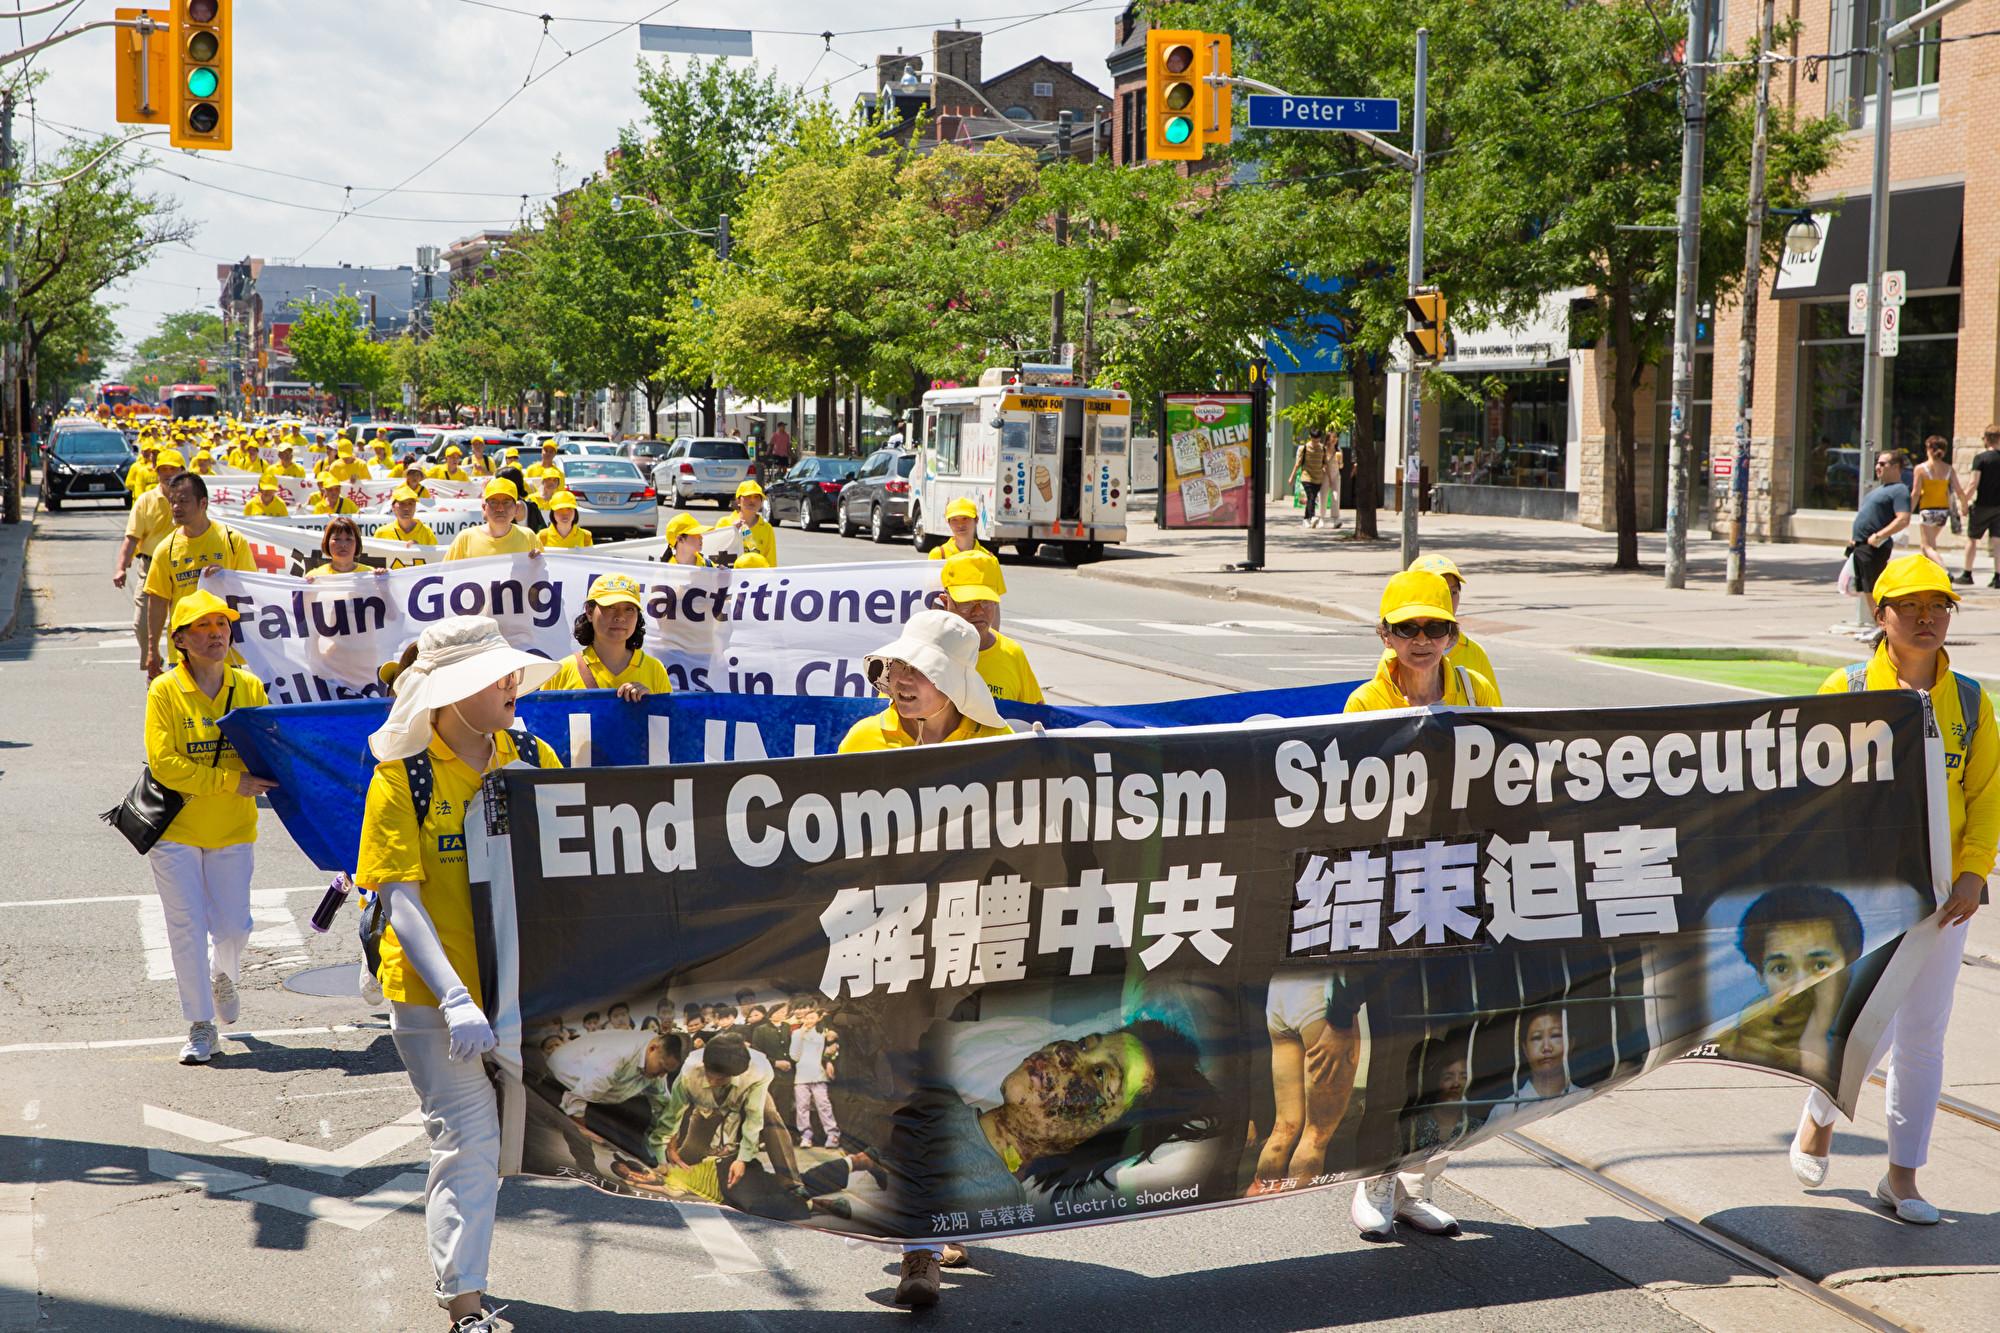 7月20日,加東地區法輪功學員舉行盛大遊行,紀念反迫害20周年,圖為學員手拿橫幅「解體中共,結束迫害。(艾文/大紀元)